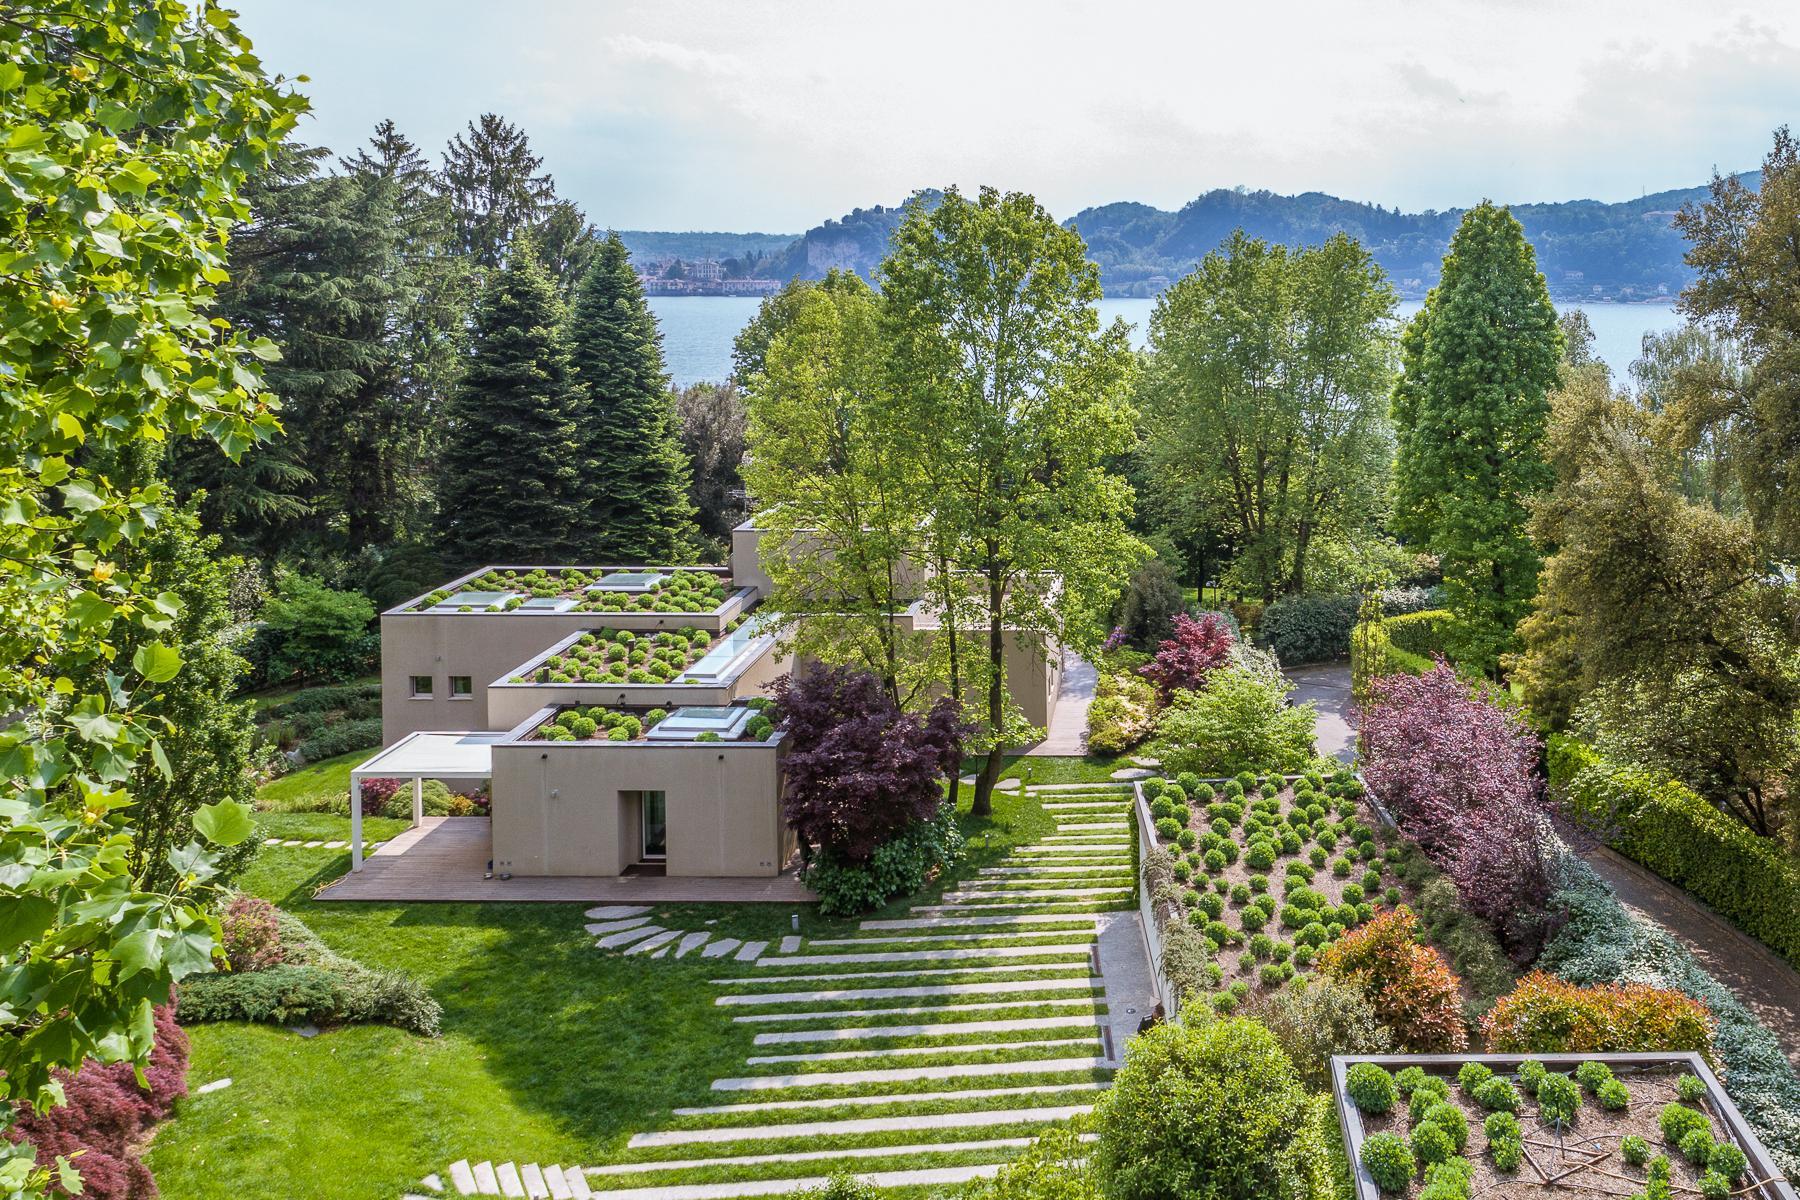 Villa di design eco sostenibile sul Lago Maggiore - 2